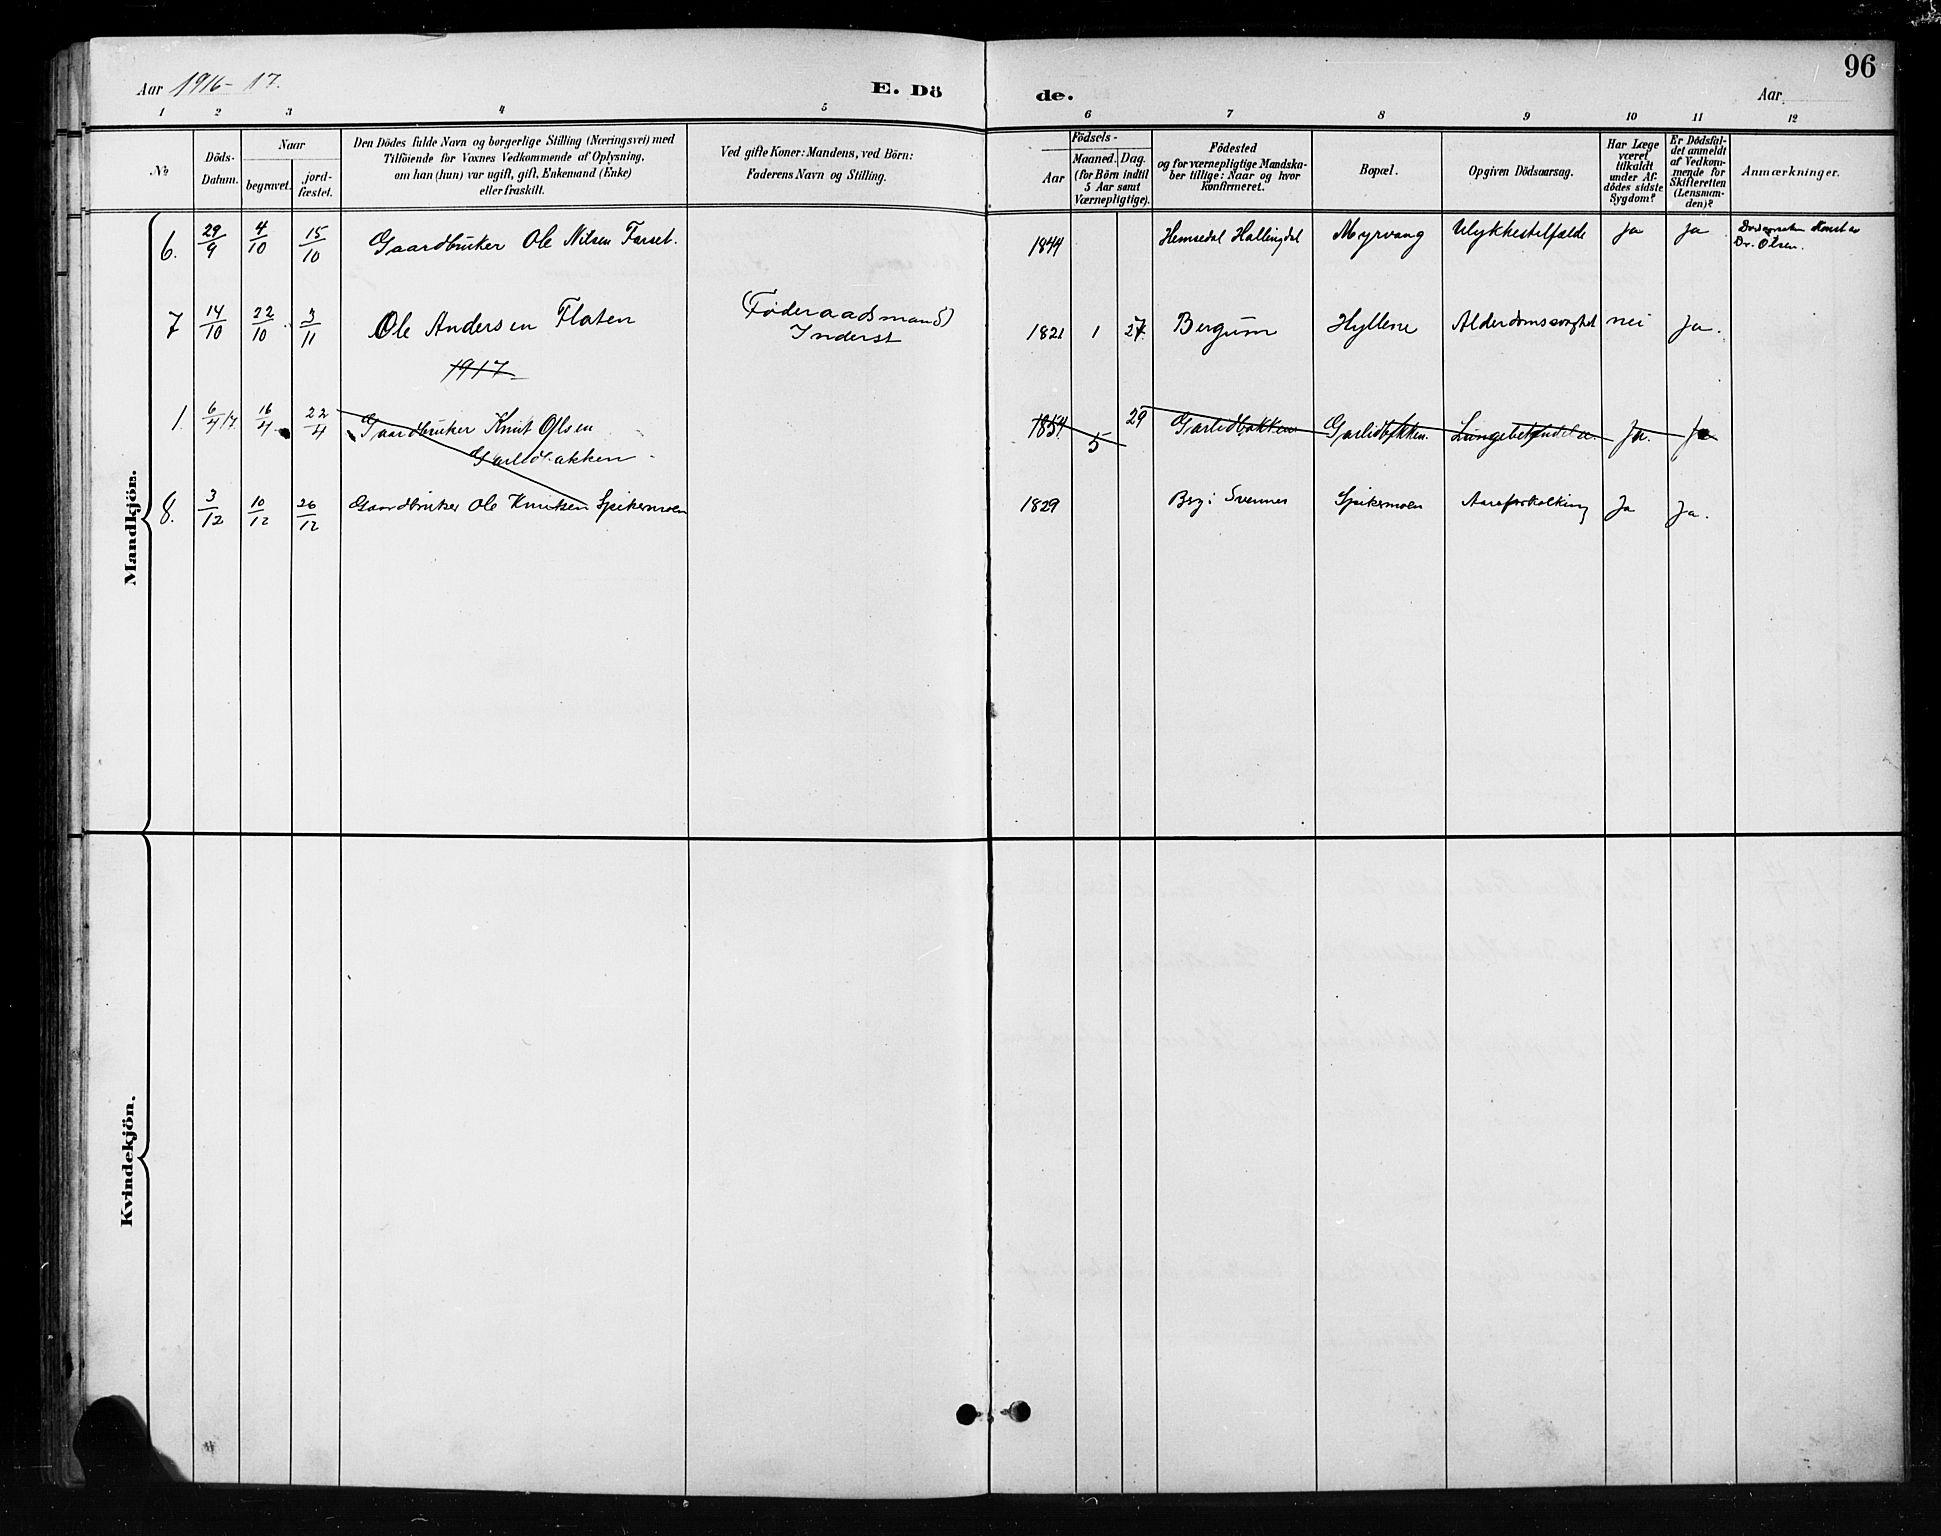 SAH, Nord-Aurdal prestekontor, Klokkerbok nr. 11, 1897-1918, s. 96